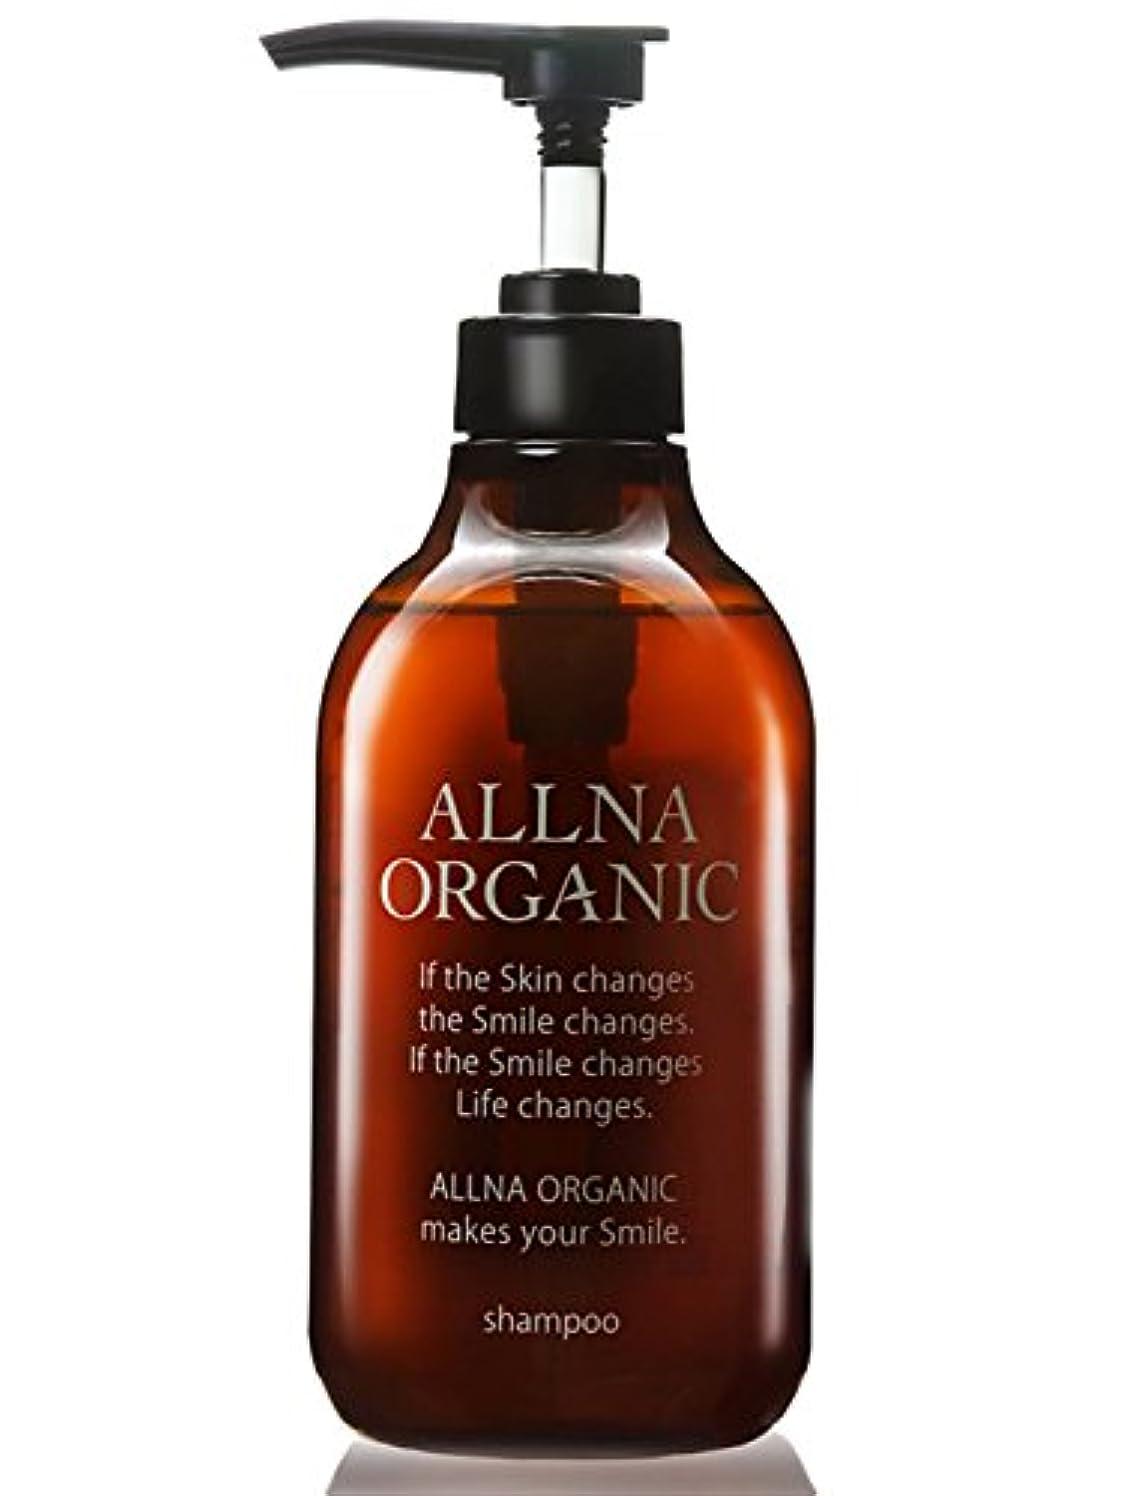 完了規範宗教的なオルナ オーガニック シャンプー 無添加 ノンシリコン 天然由来 無香料でボタニカルな香り「コラーゲン ヒアルロン酸 ビタミンC誘導体 セラミド 配合」500ml (シャンプー ポンプ) (スムース)